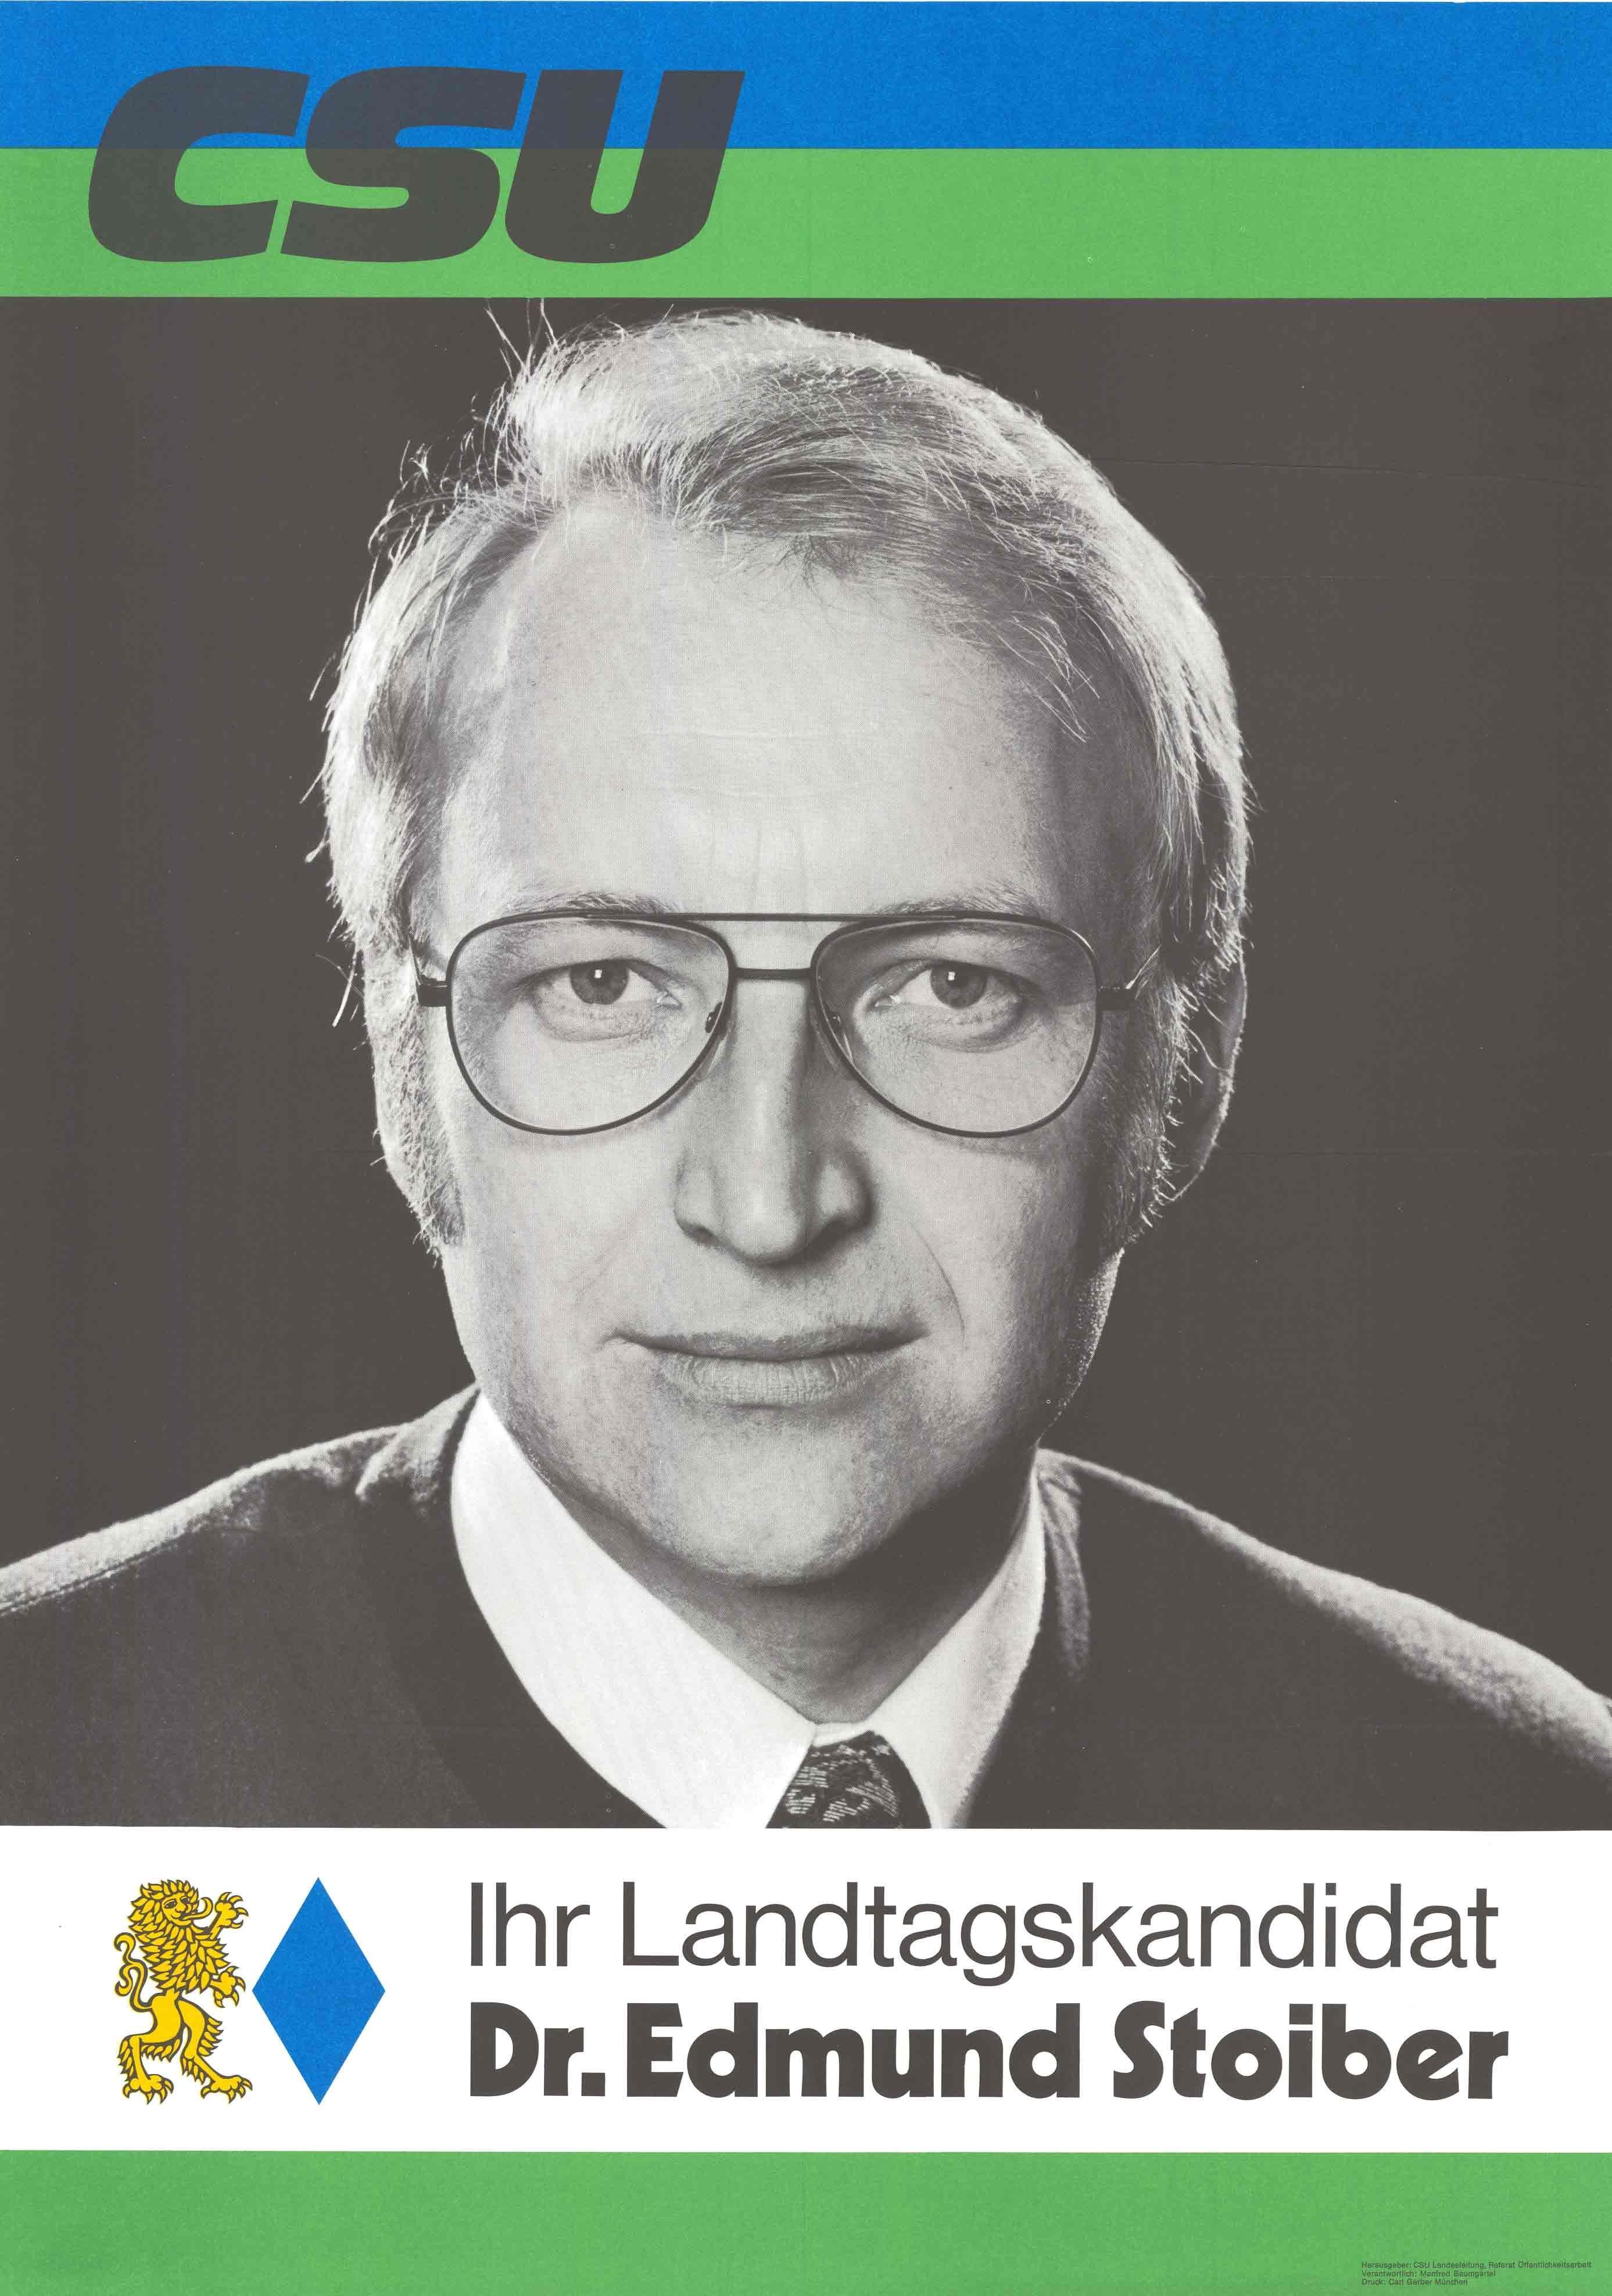 Plakat zur Landtagswahl 1974